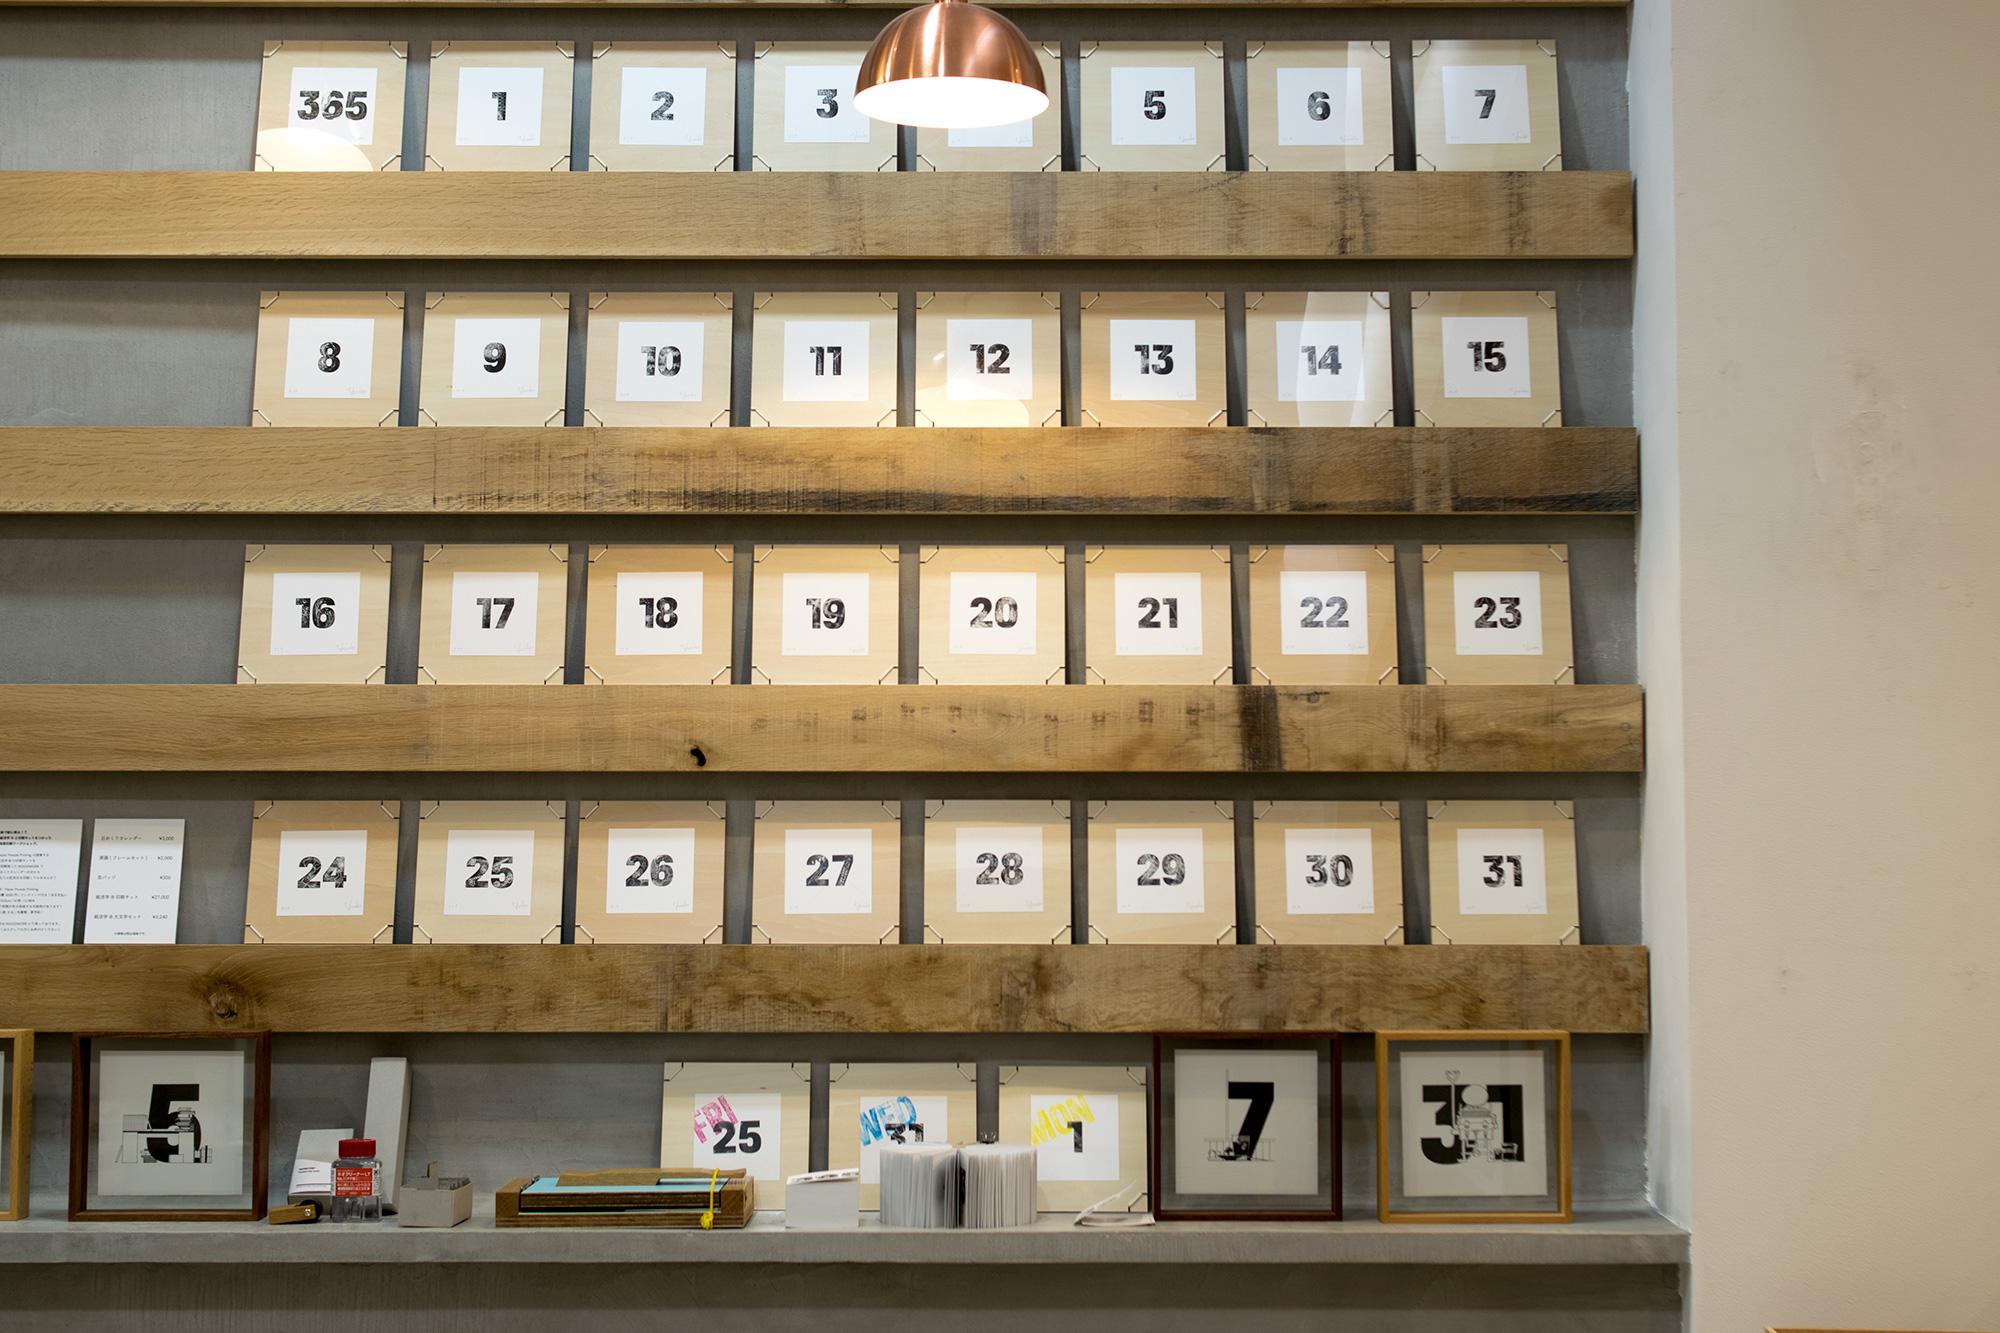 Paper Parade Printing 紙活字®による日めくりカレンダー 企画展「365」